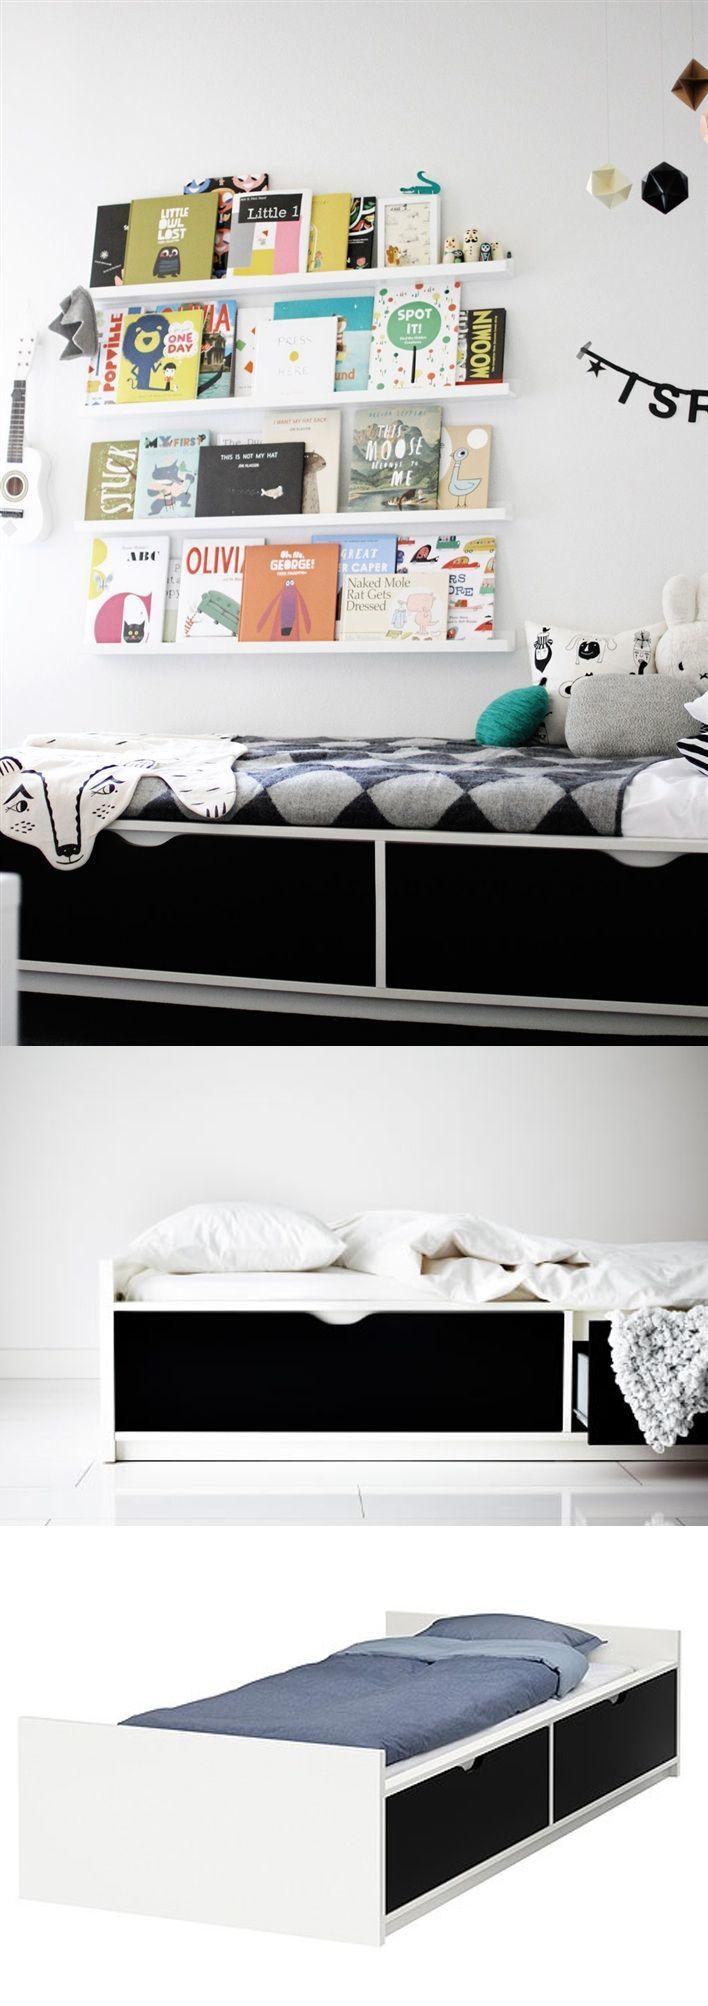 Flaxa - IKEA